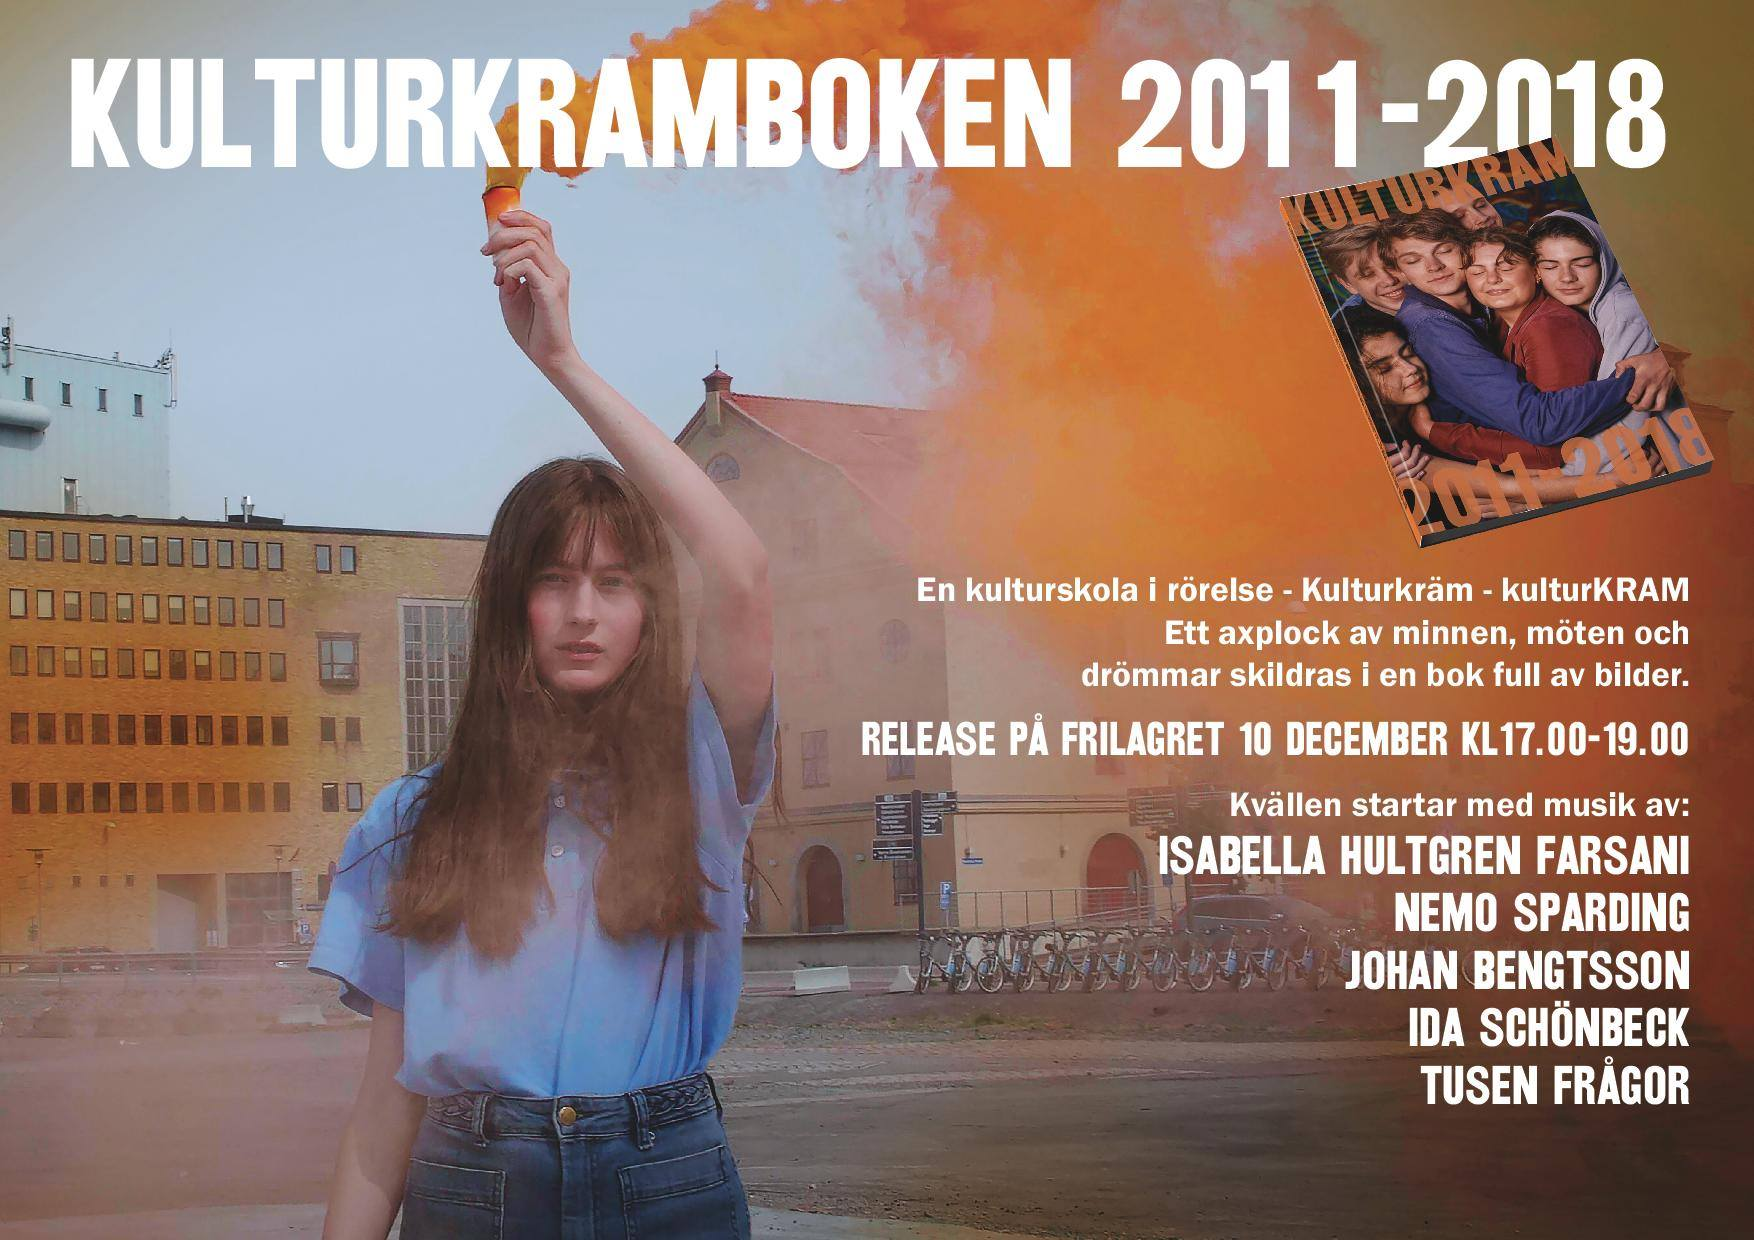 Bokkalas - kulturKRAM 2011 - 2018